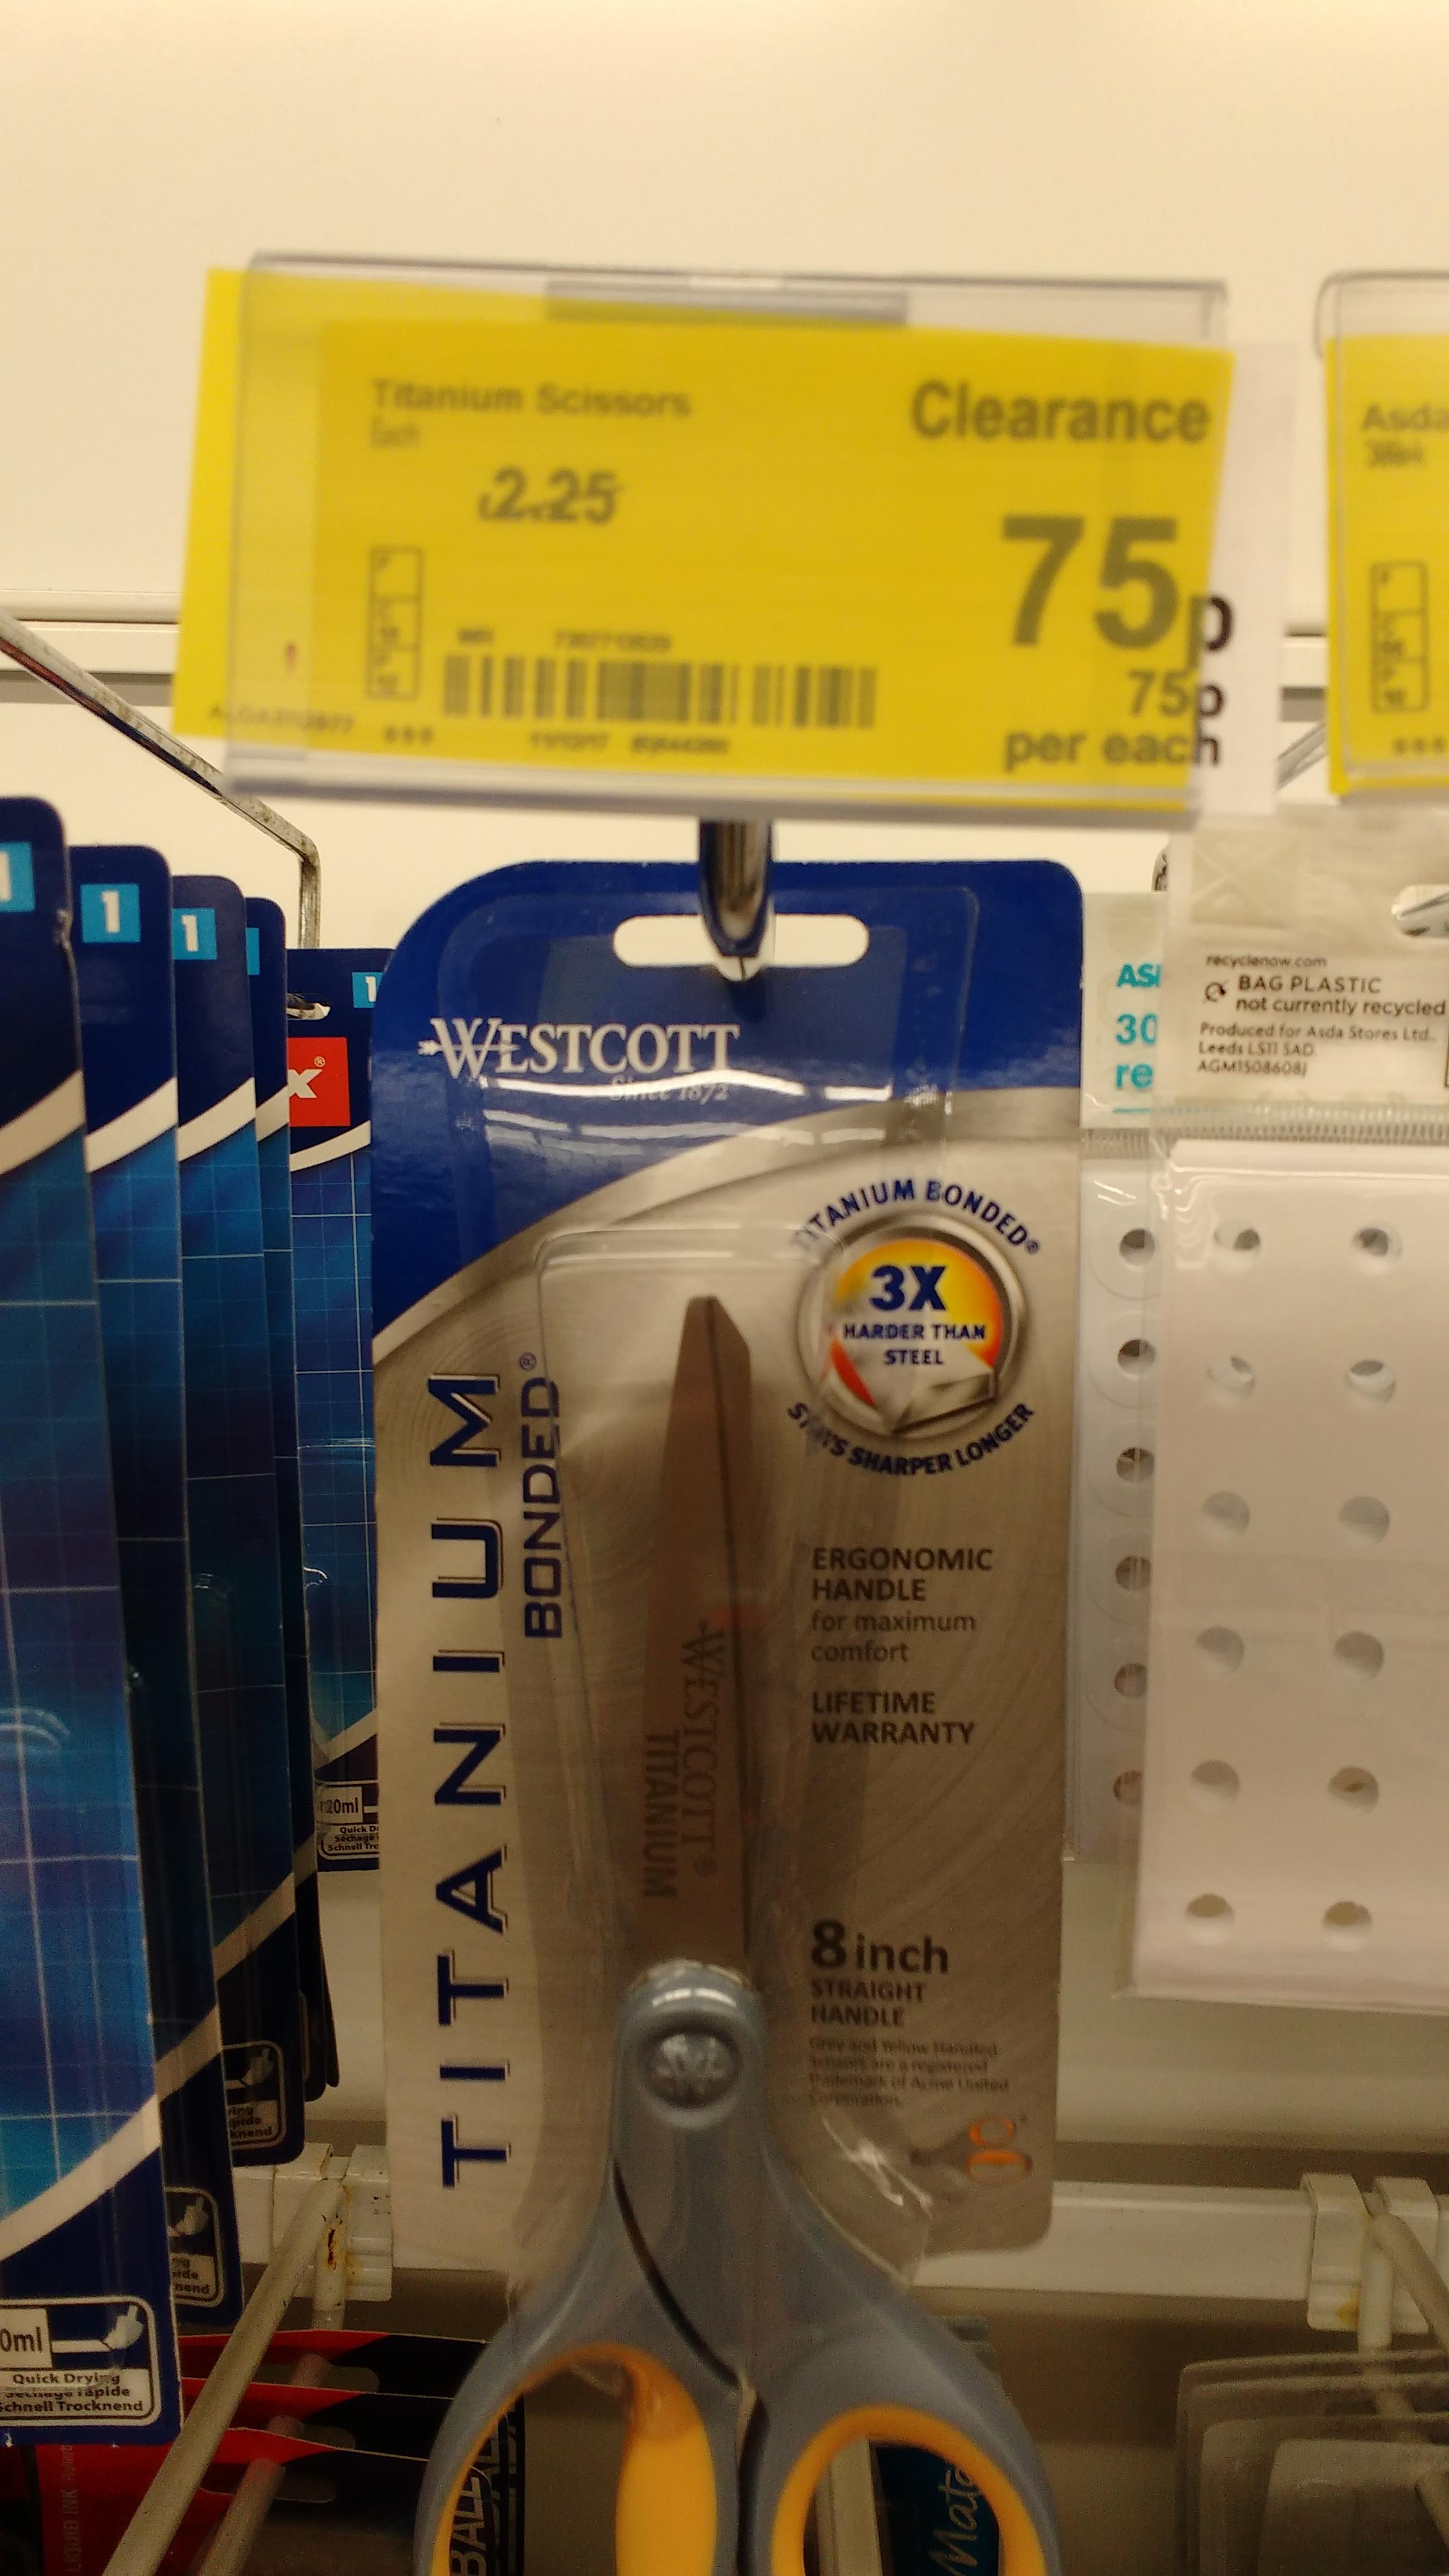 Titanium 8inch scissors reduced to 75p instore Asda